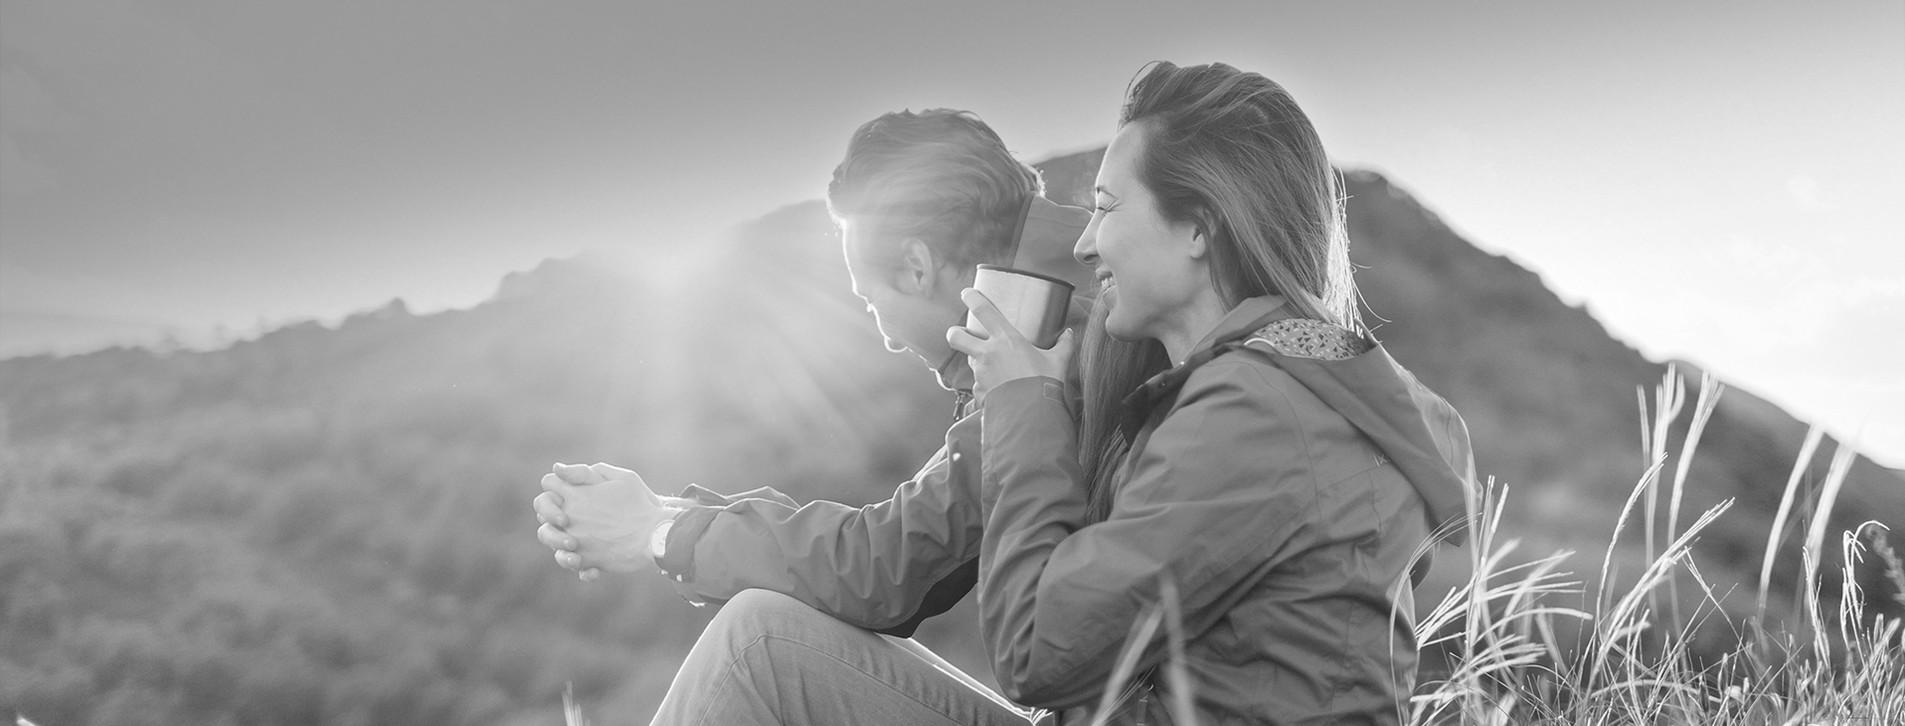 Фото 1 - Горный тур в Сколевские Бескиды для двоих